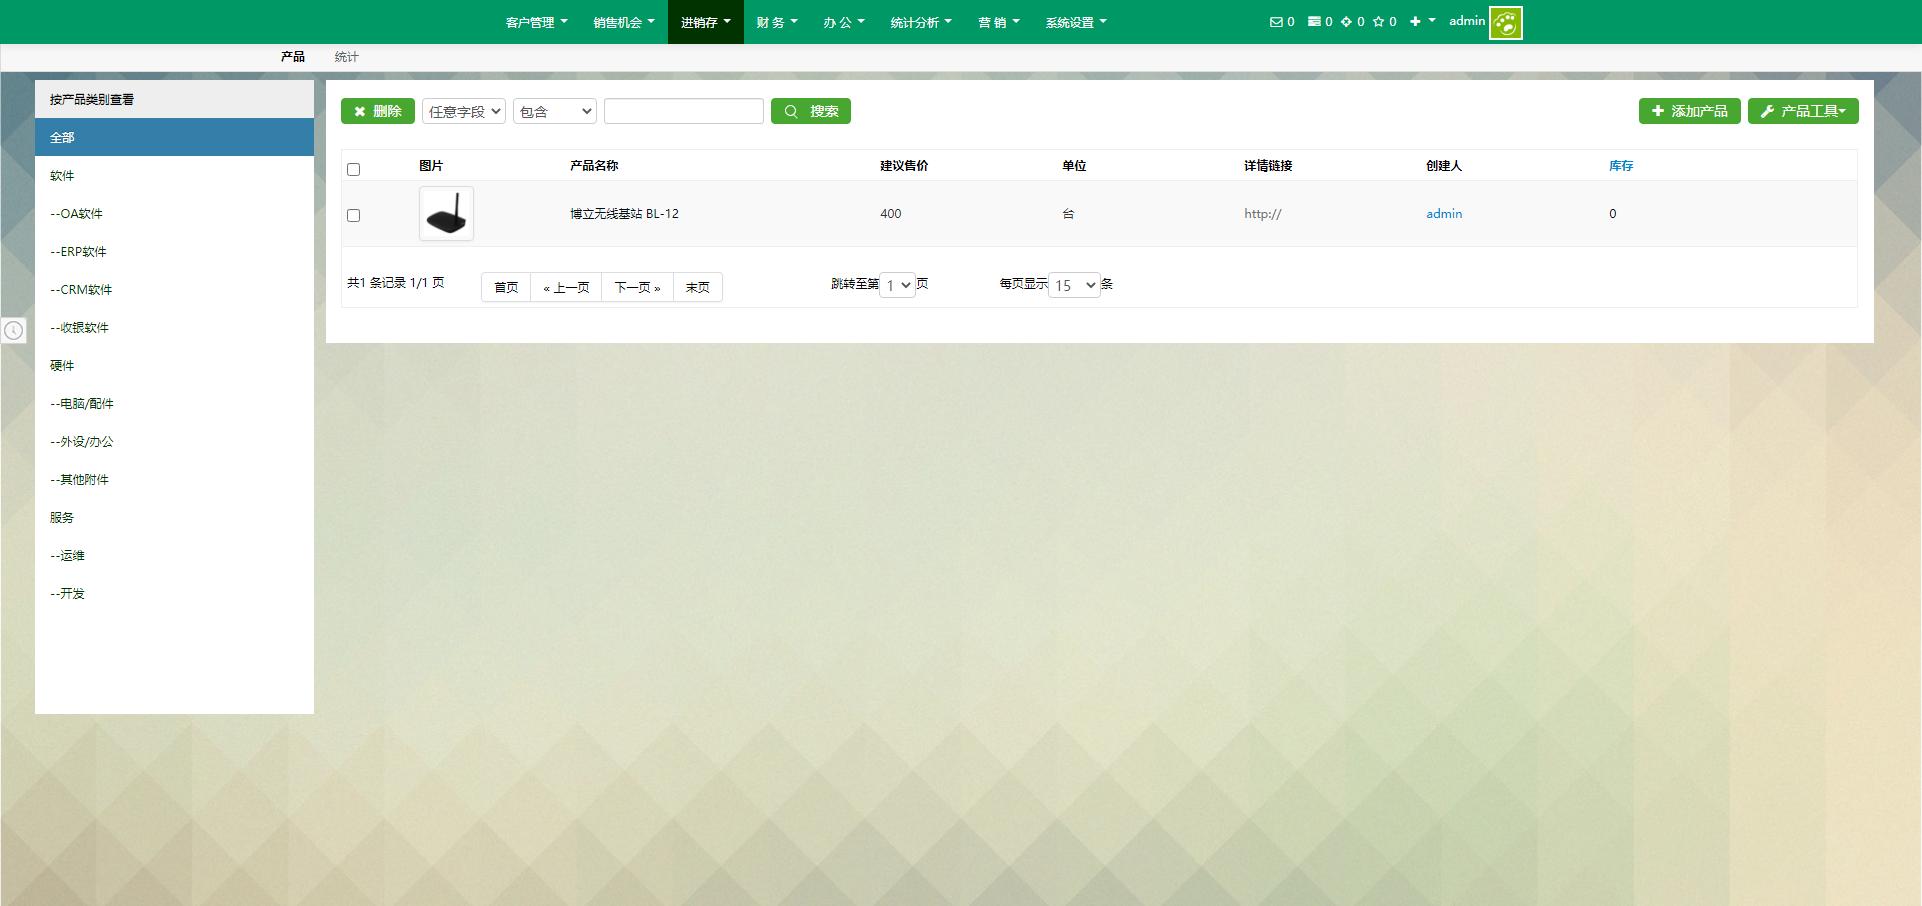 亲测丨某CRM旗舰版功能齐全客户管理网站系统源码下载